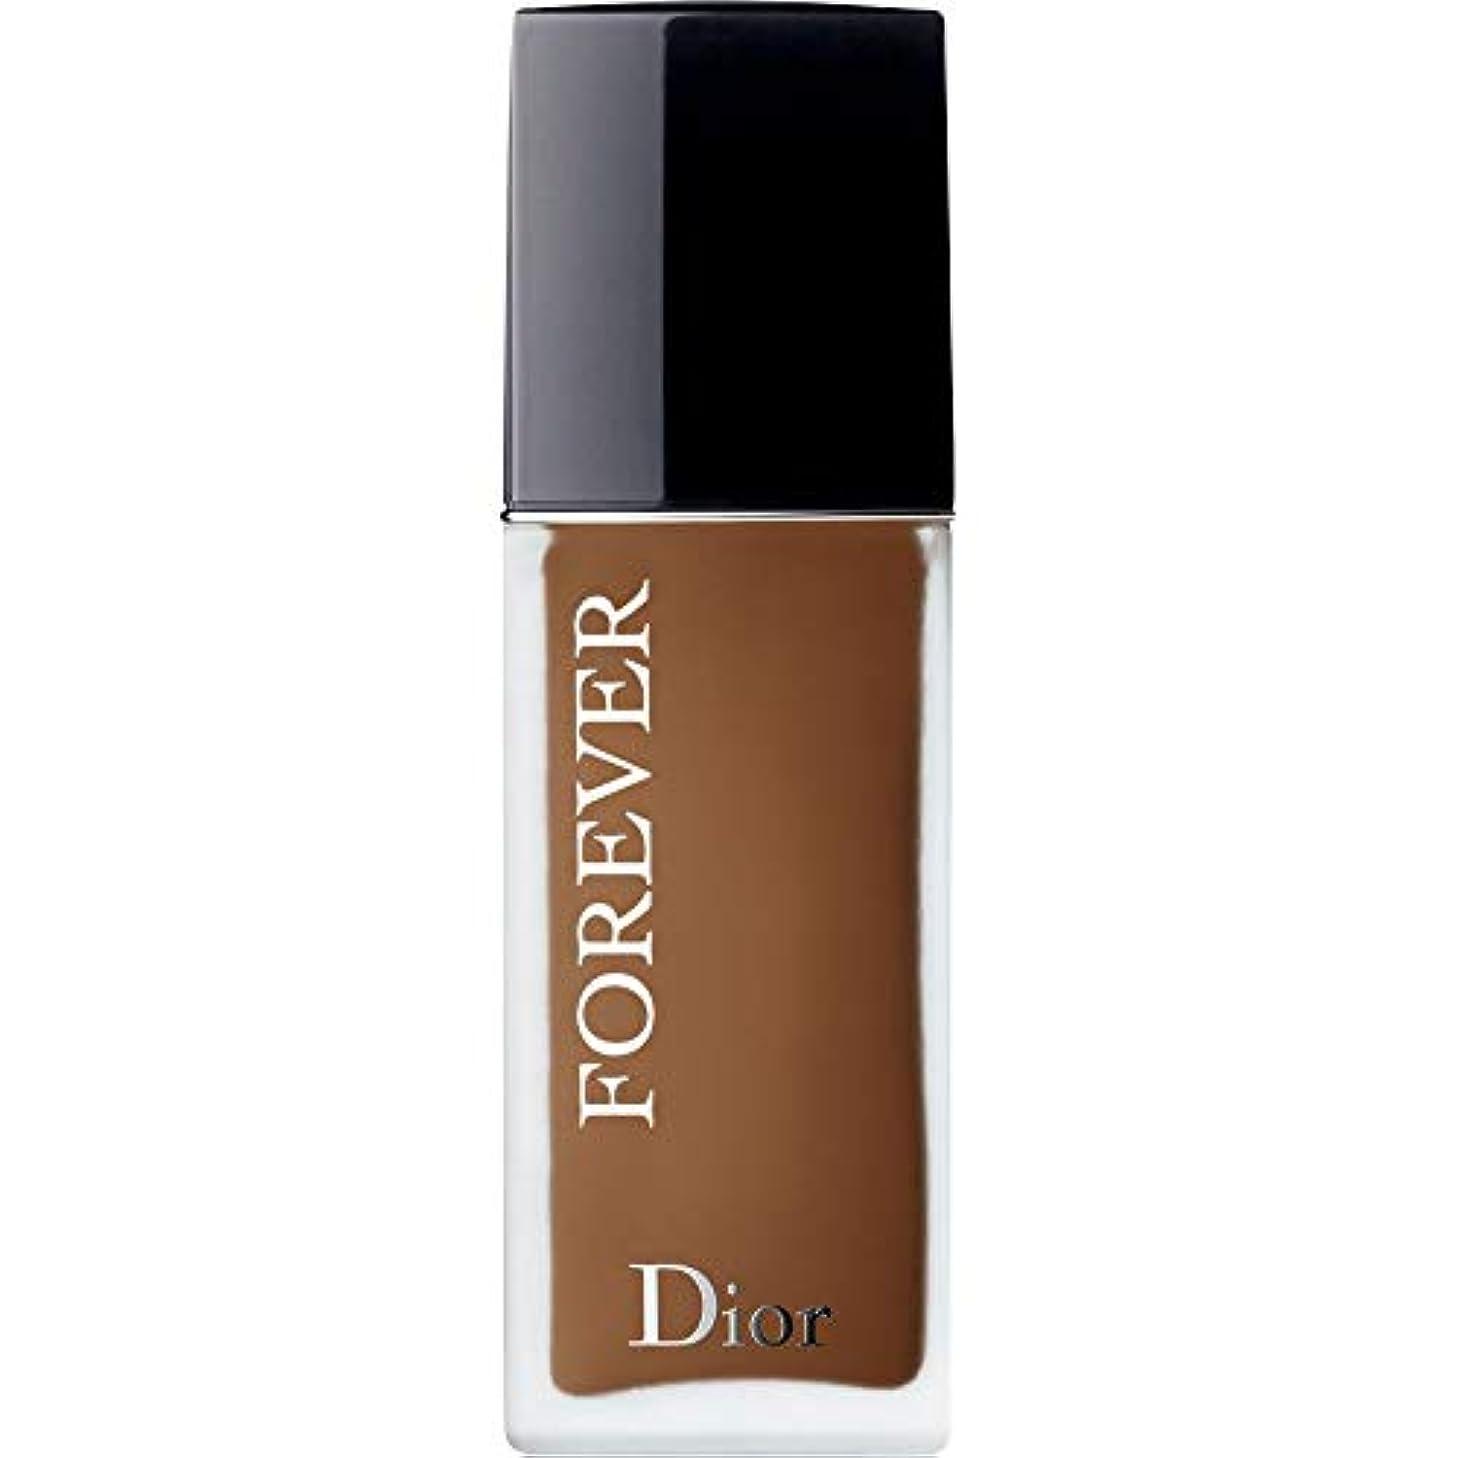 変装したさわやかしかし[Dior ] ディオール永遠皮膚思いやりの基盤Spf35 30ミリリットルの7.5N - ニュートラル(つや消し) - DIOR Forever Skin-Caring Foundation SPF35 30ml 7.5N...